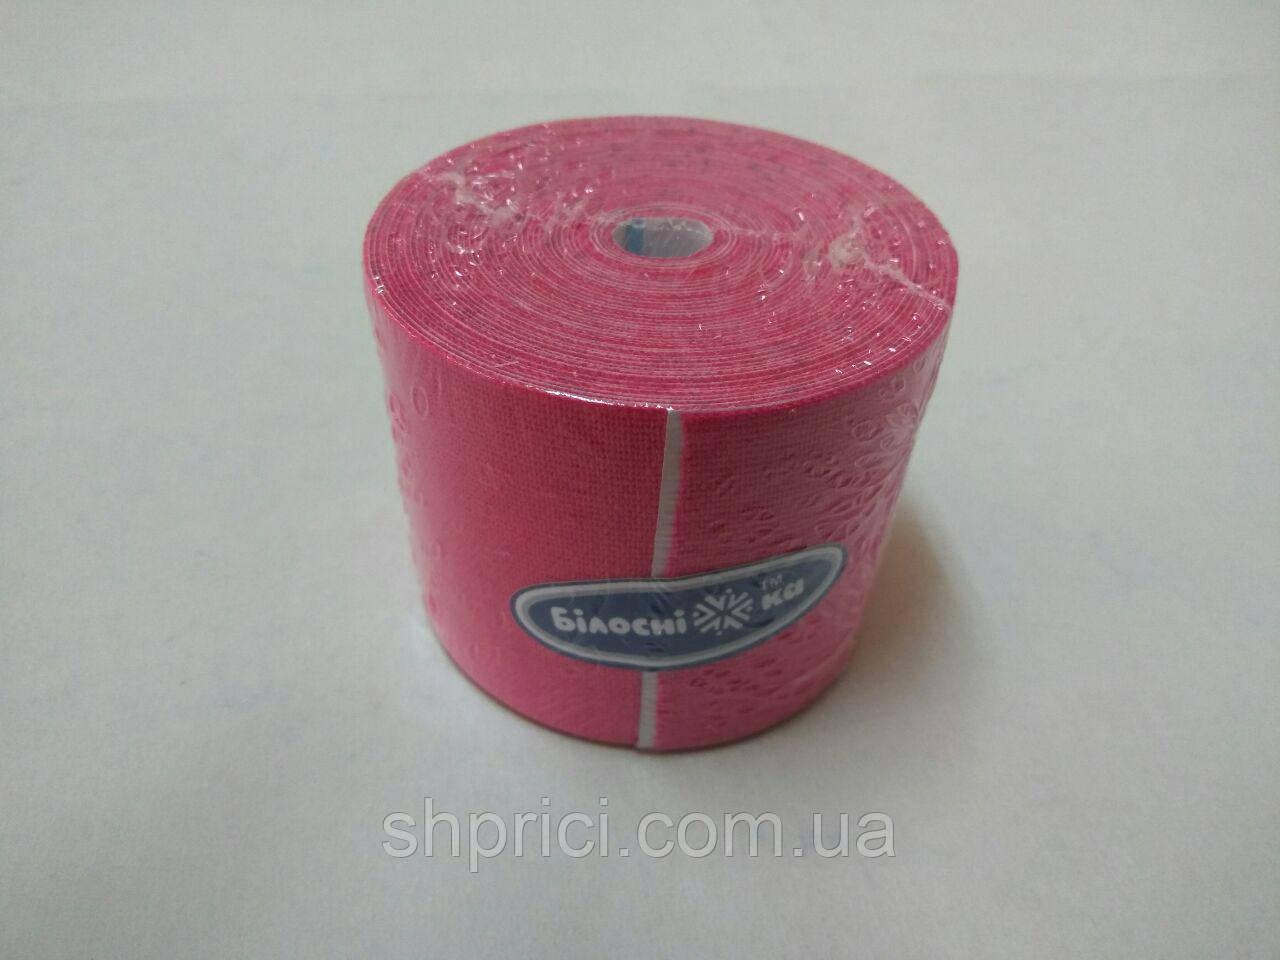 Бинт эластичный малой растяжимости адгезивный 5 см х 5 м, розовый  Кинезио тейп / Белоснежка